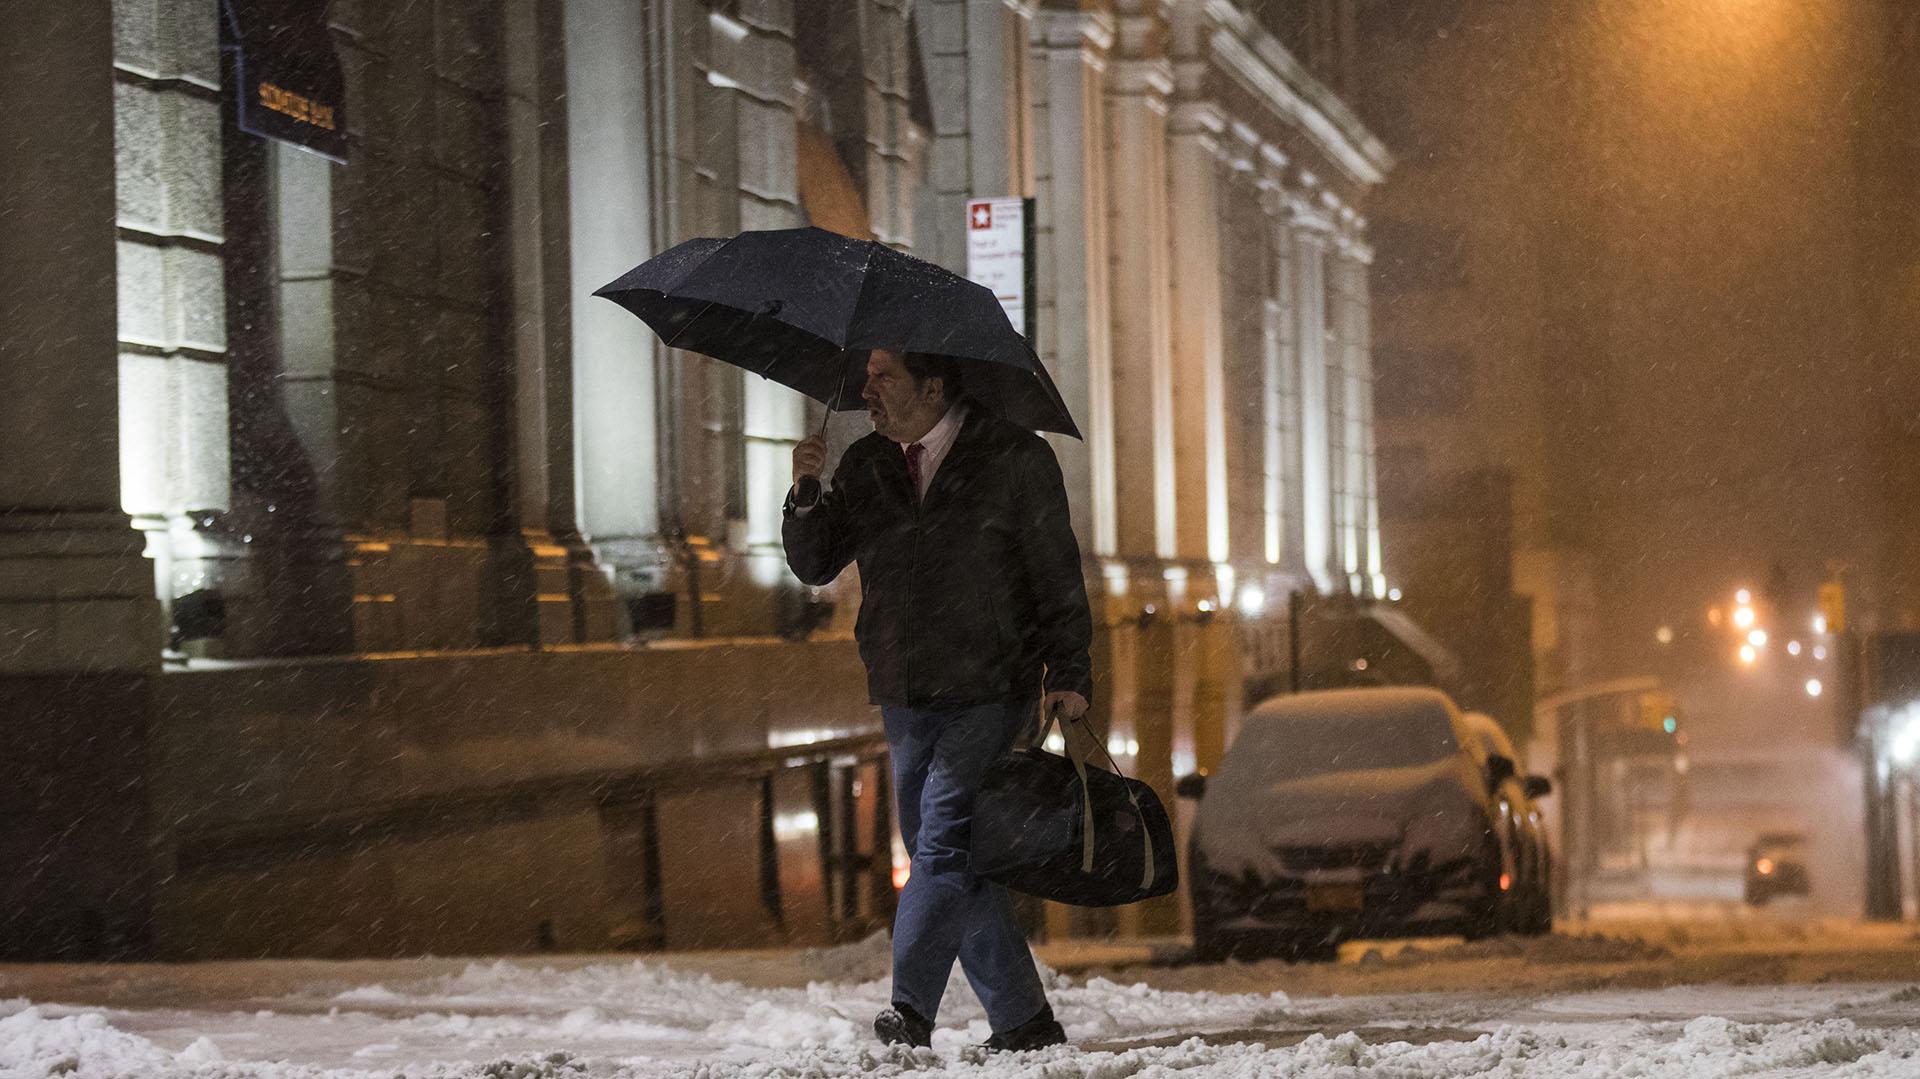 El año pasado Nueva York vivió la peor tormenta de su historia, un recuerdo todavía latente en sus habitantes